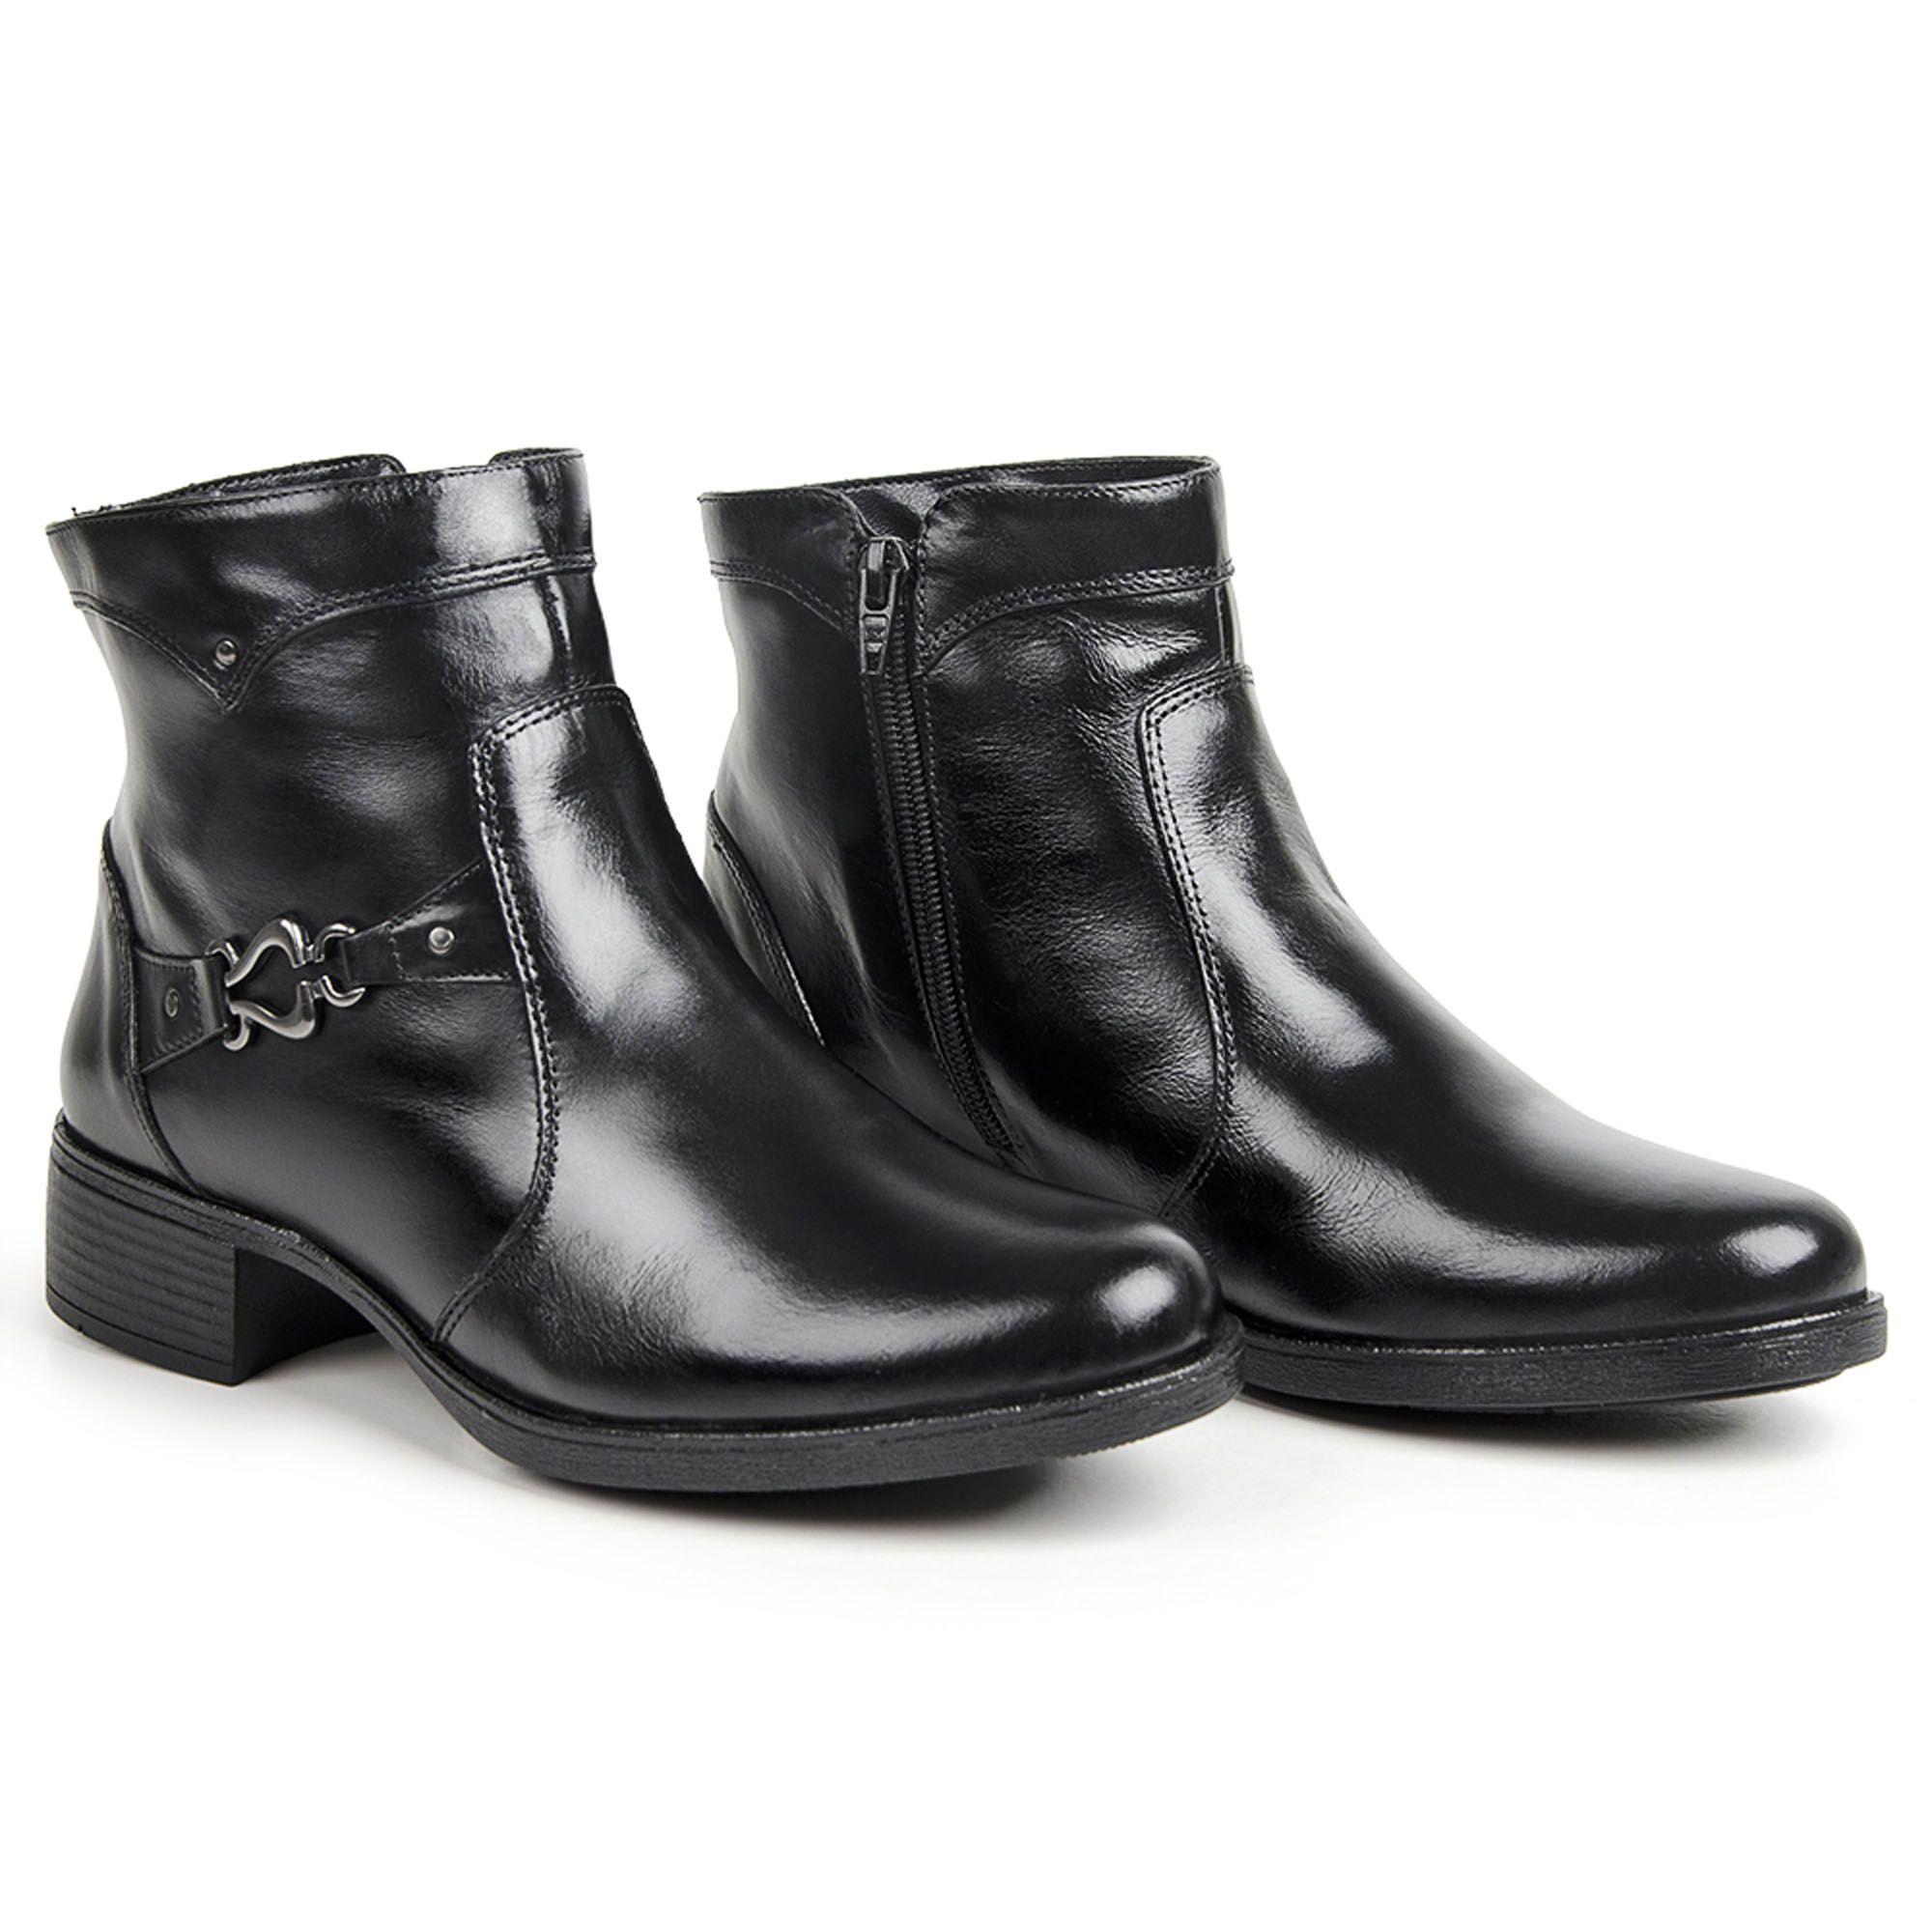 Bota feminina de couro legítimo confort preto super macio 1001